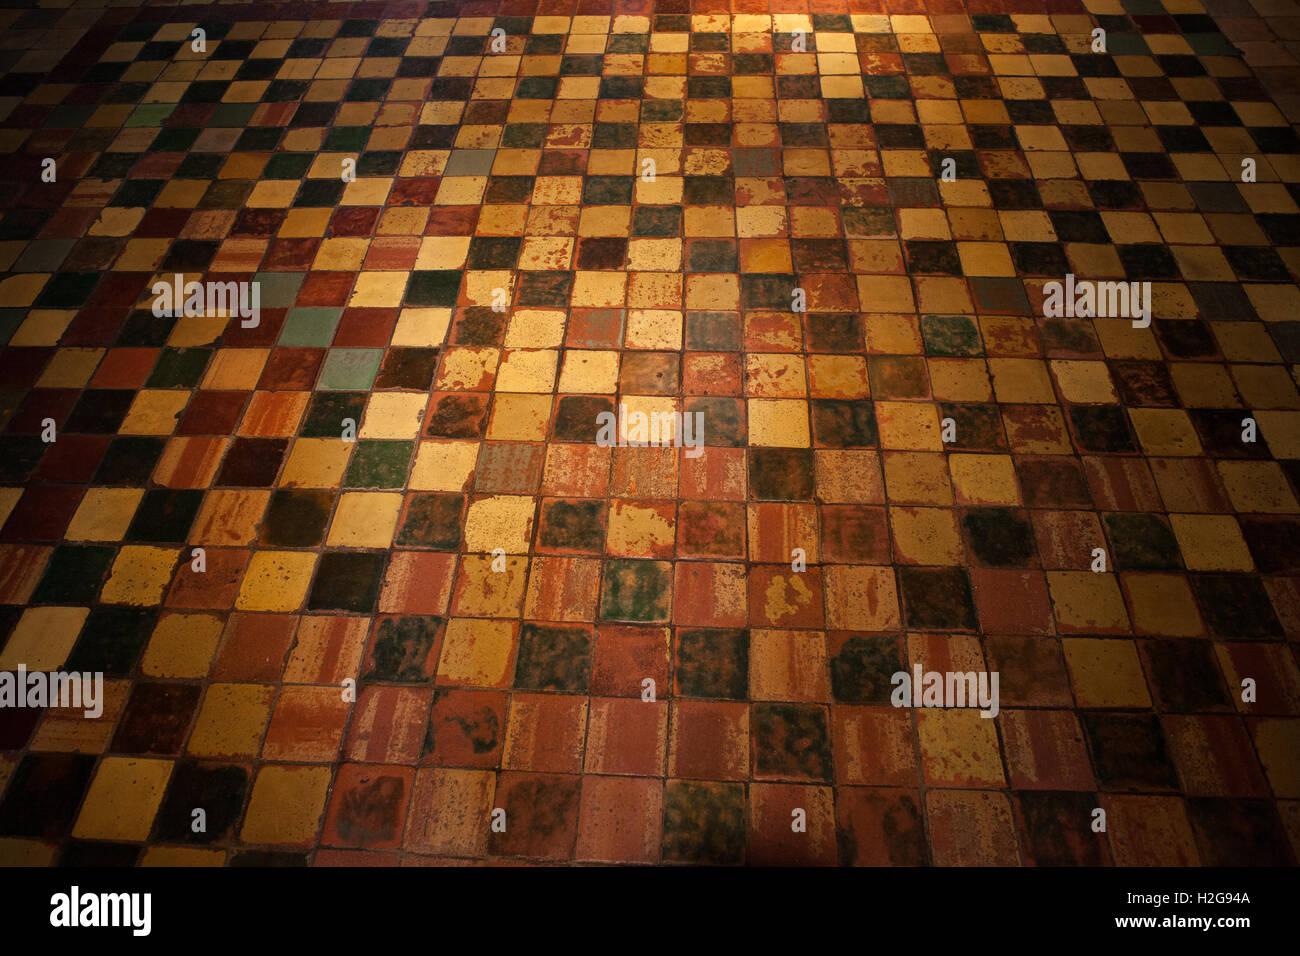 Favorit Grunge gruselig gruselige Vintage Fliesen Boden-Hintergrund-Design YI88